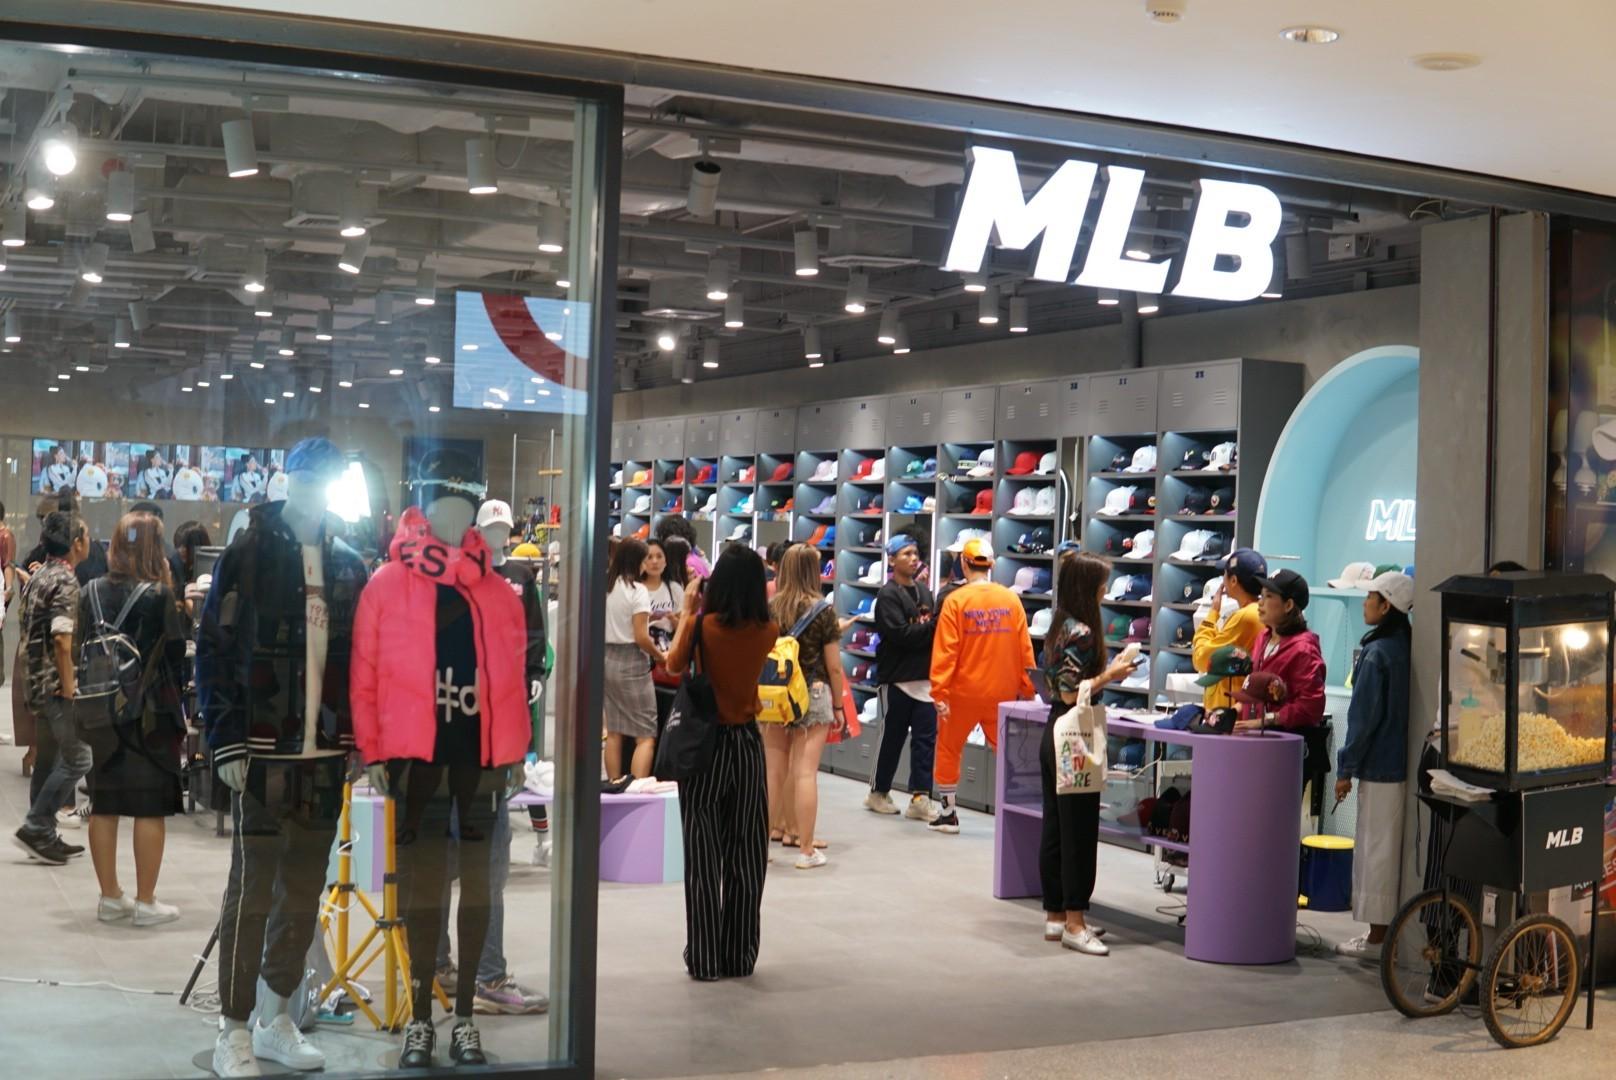 บรรยากาศเปิด Flagship Store วันแรกเมื่อช่วงบ่ายที่ผ่านมา